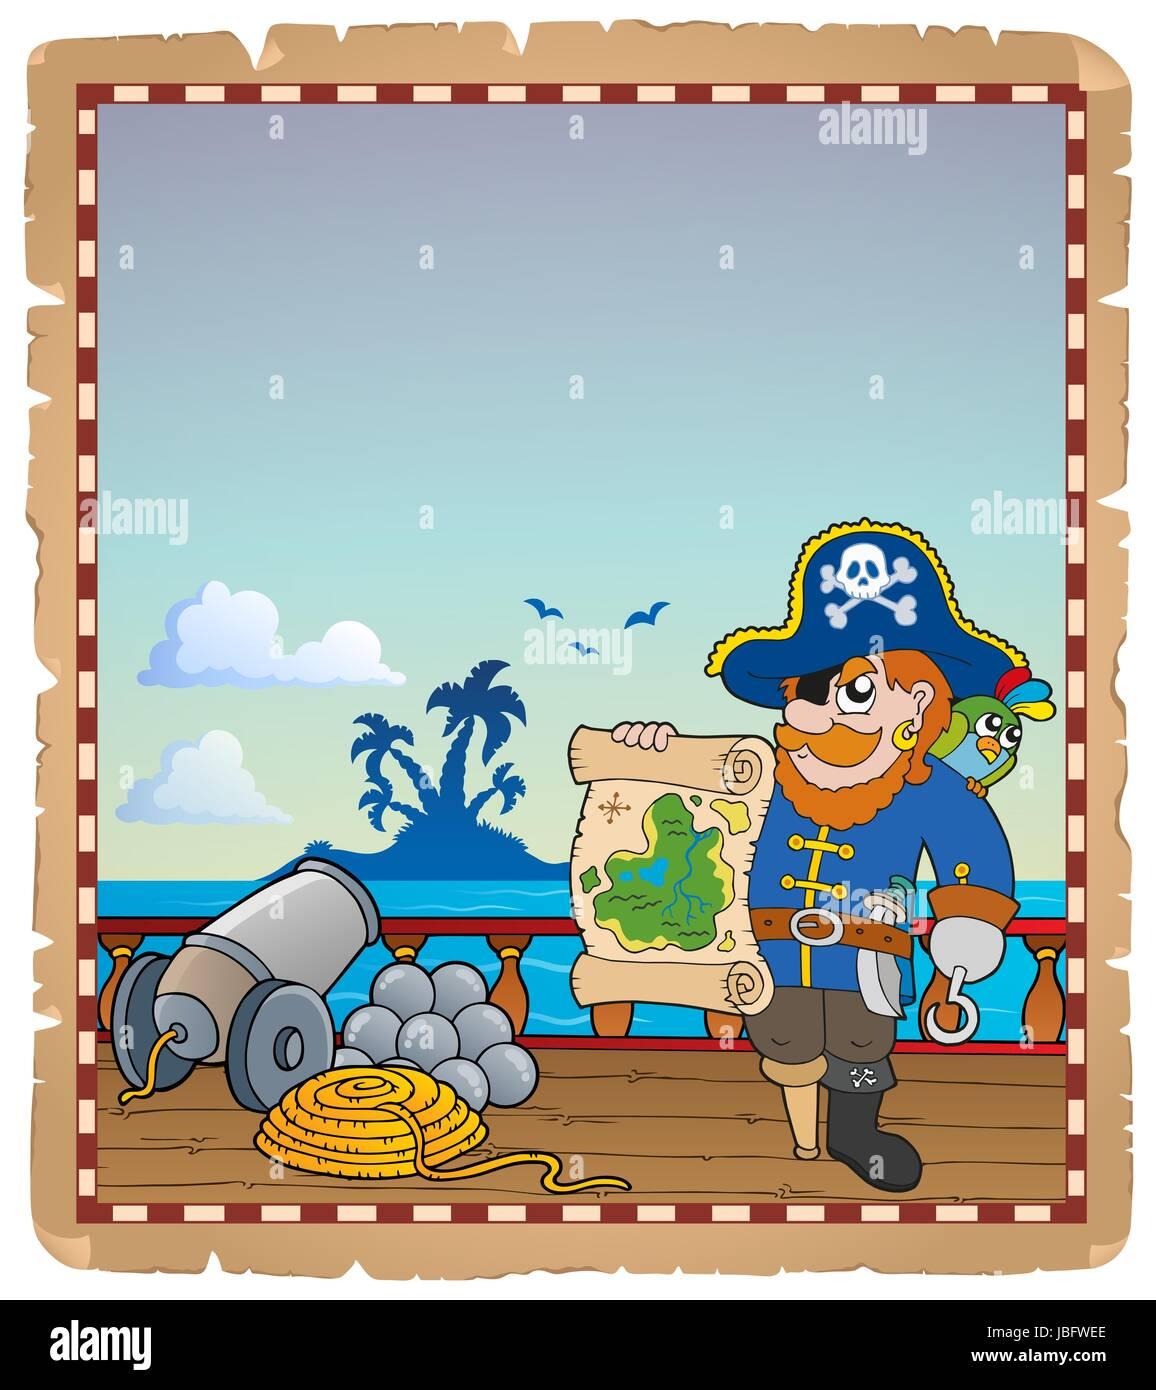 Pergament mit Piraten Schiffsdeck 3 - Bild-Darstellung. Stockbild